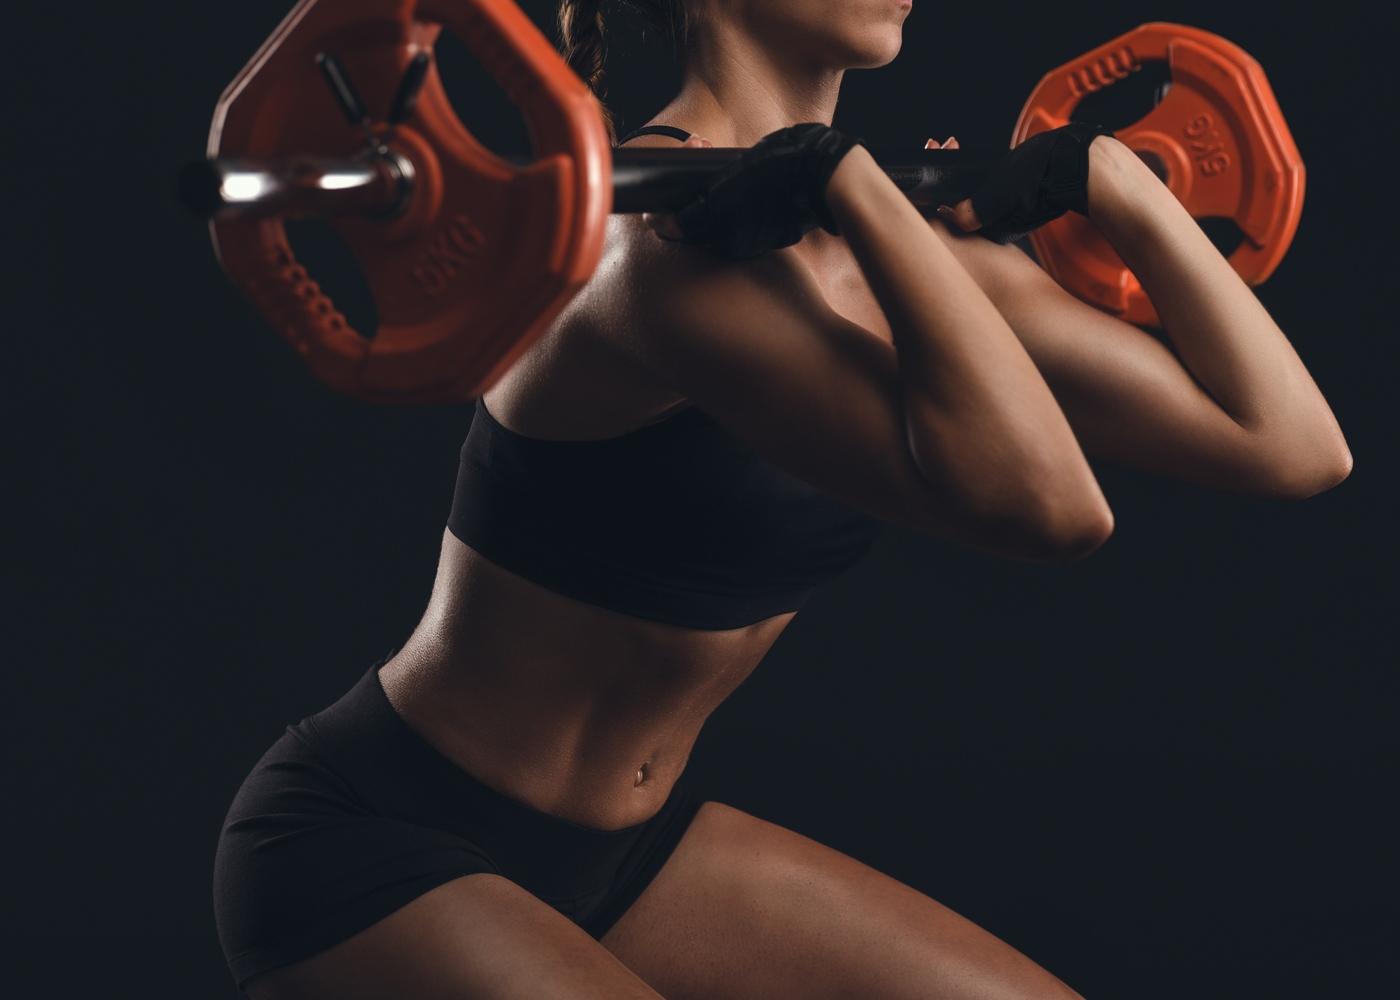 Mulher a fazer exercício de agachamento + press